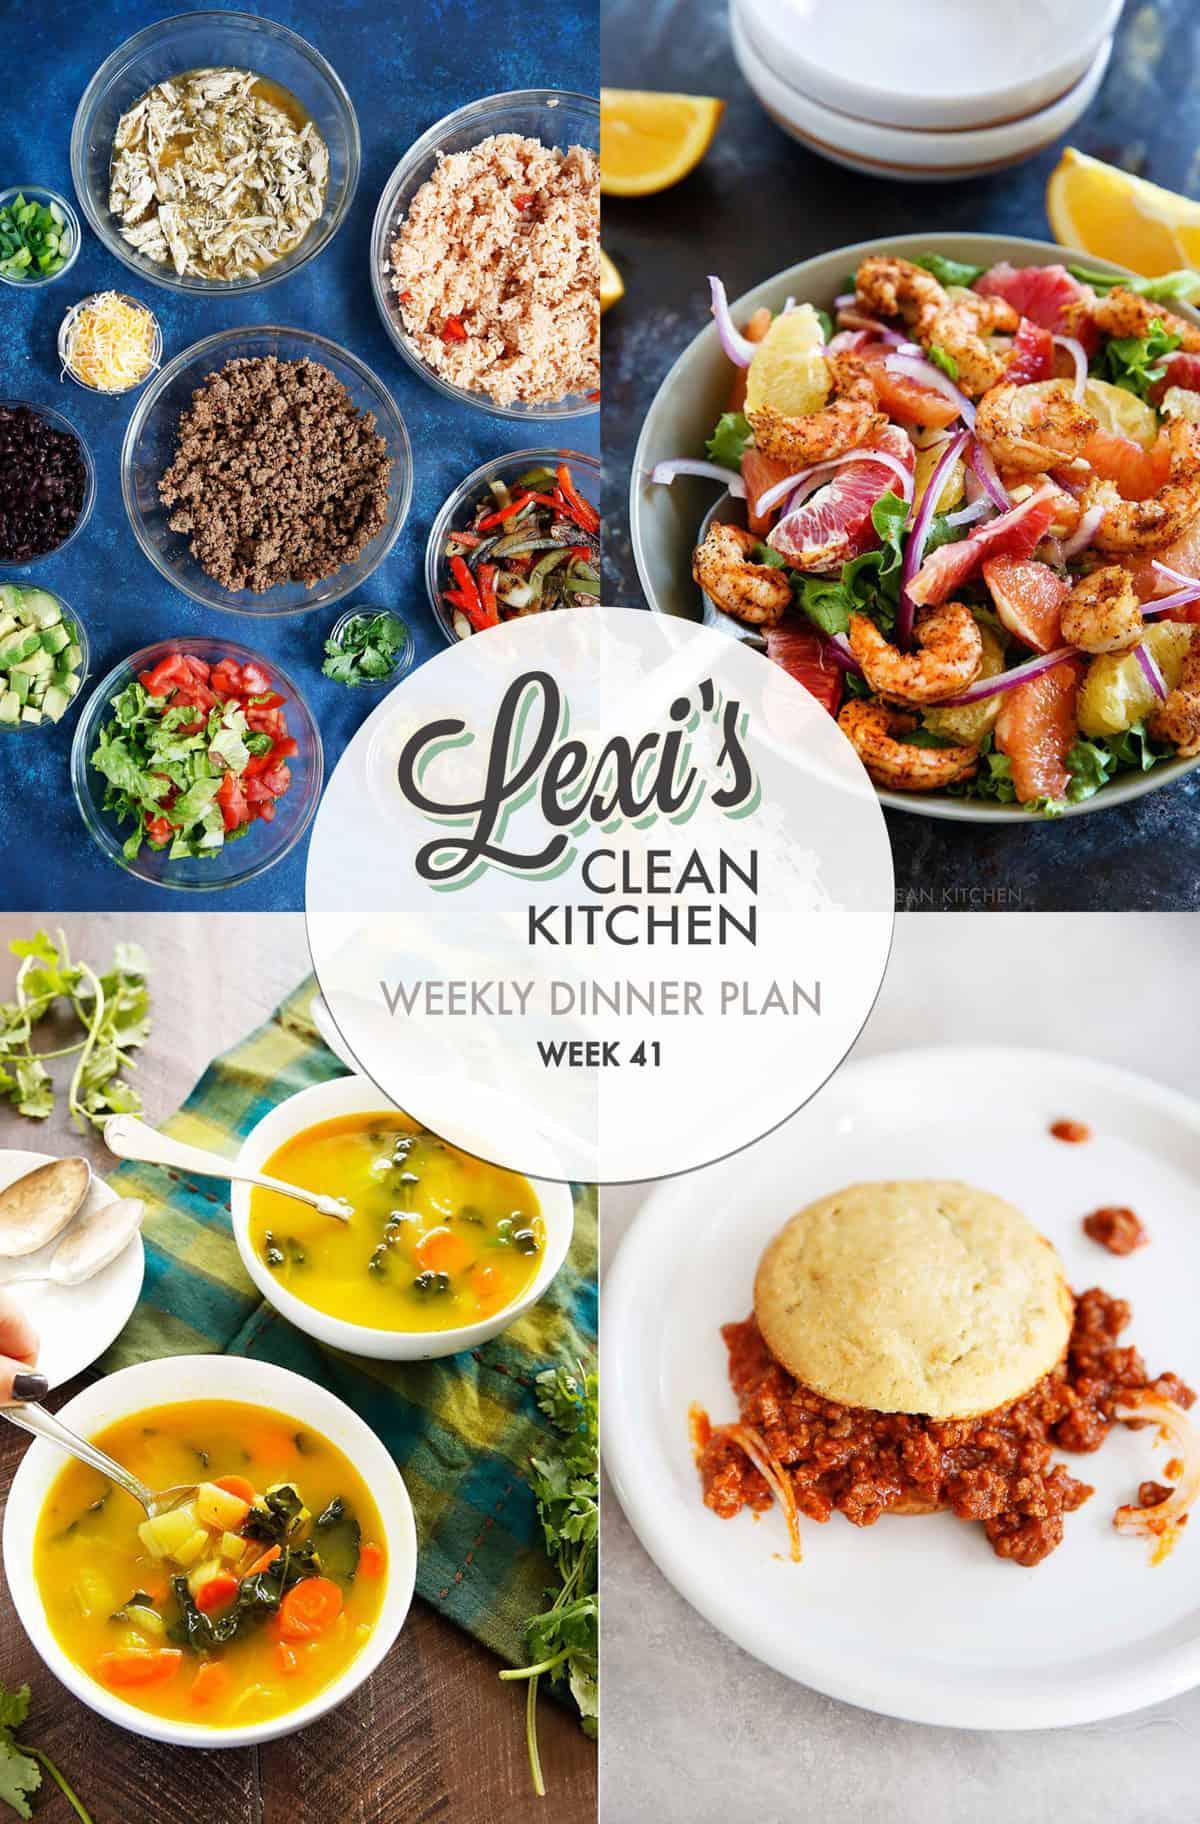 Lexi's Weekly Dinner Plan Week 41